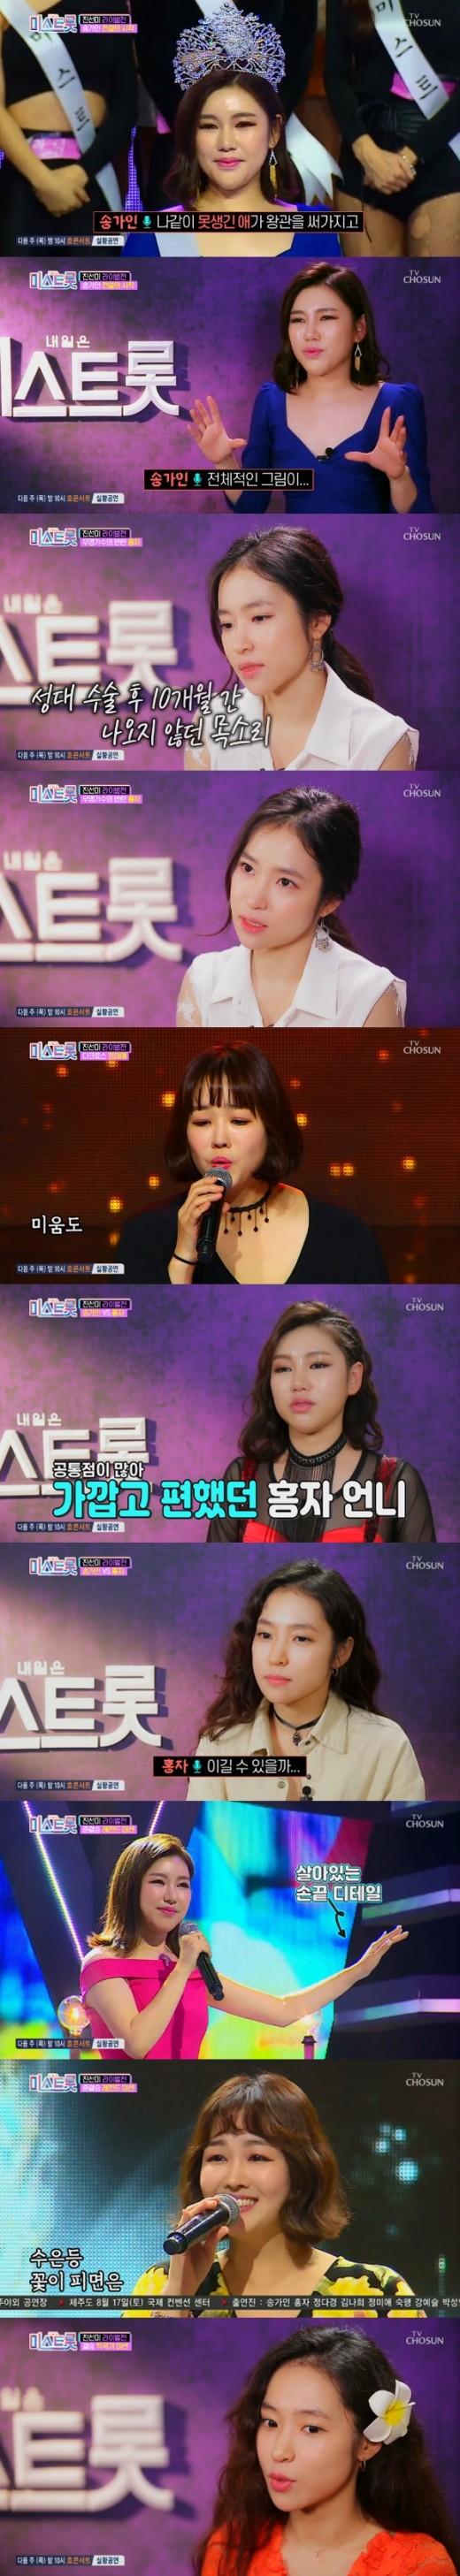 눈물 사연부터 송가인·홍자 데스매치…'미스트롯', 더 재밌는 뒷이야기 _이미지